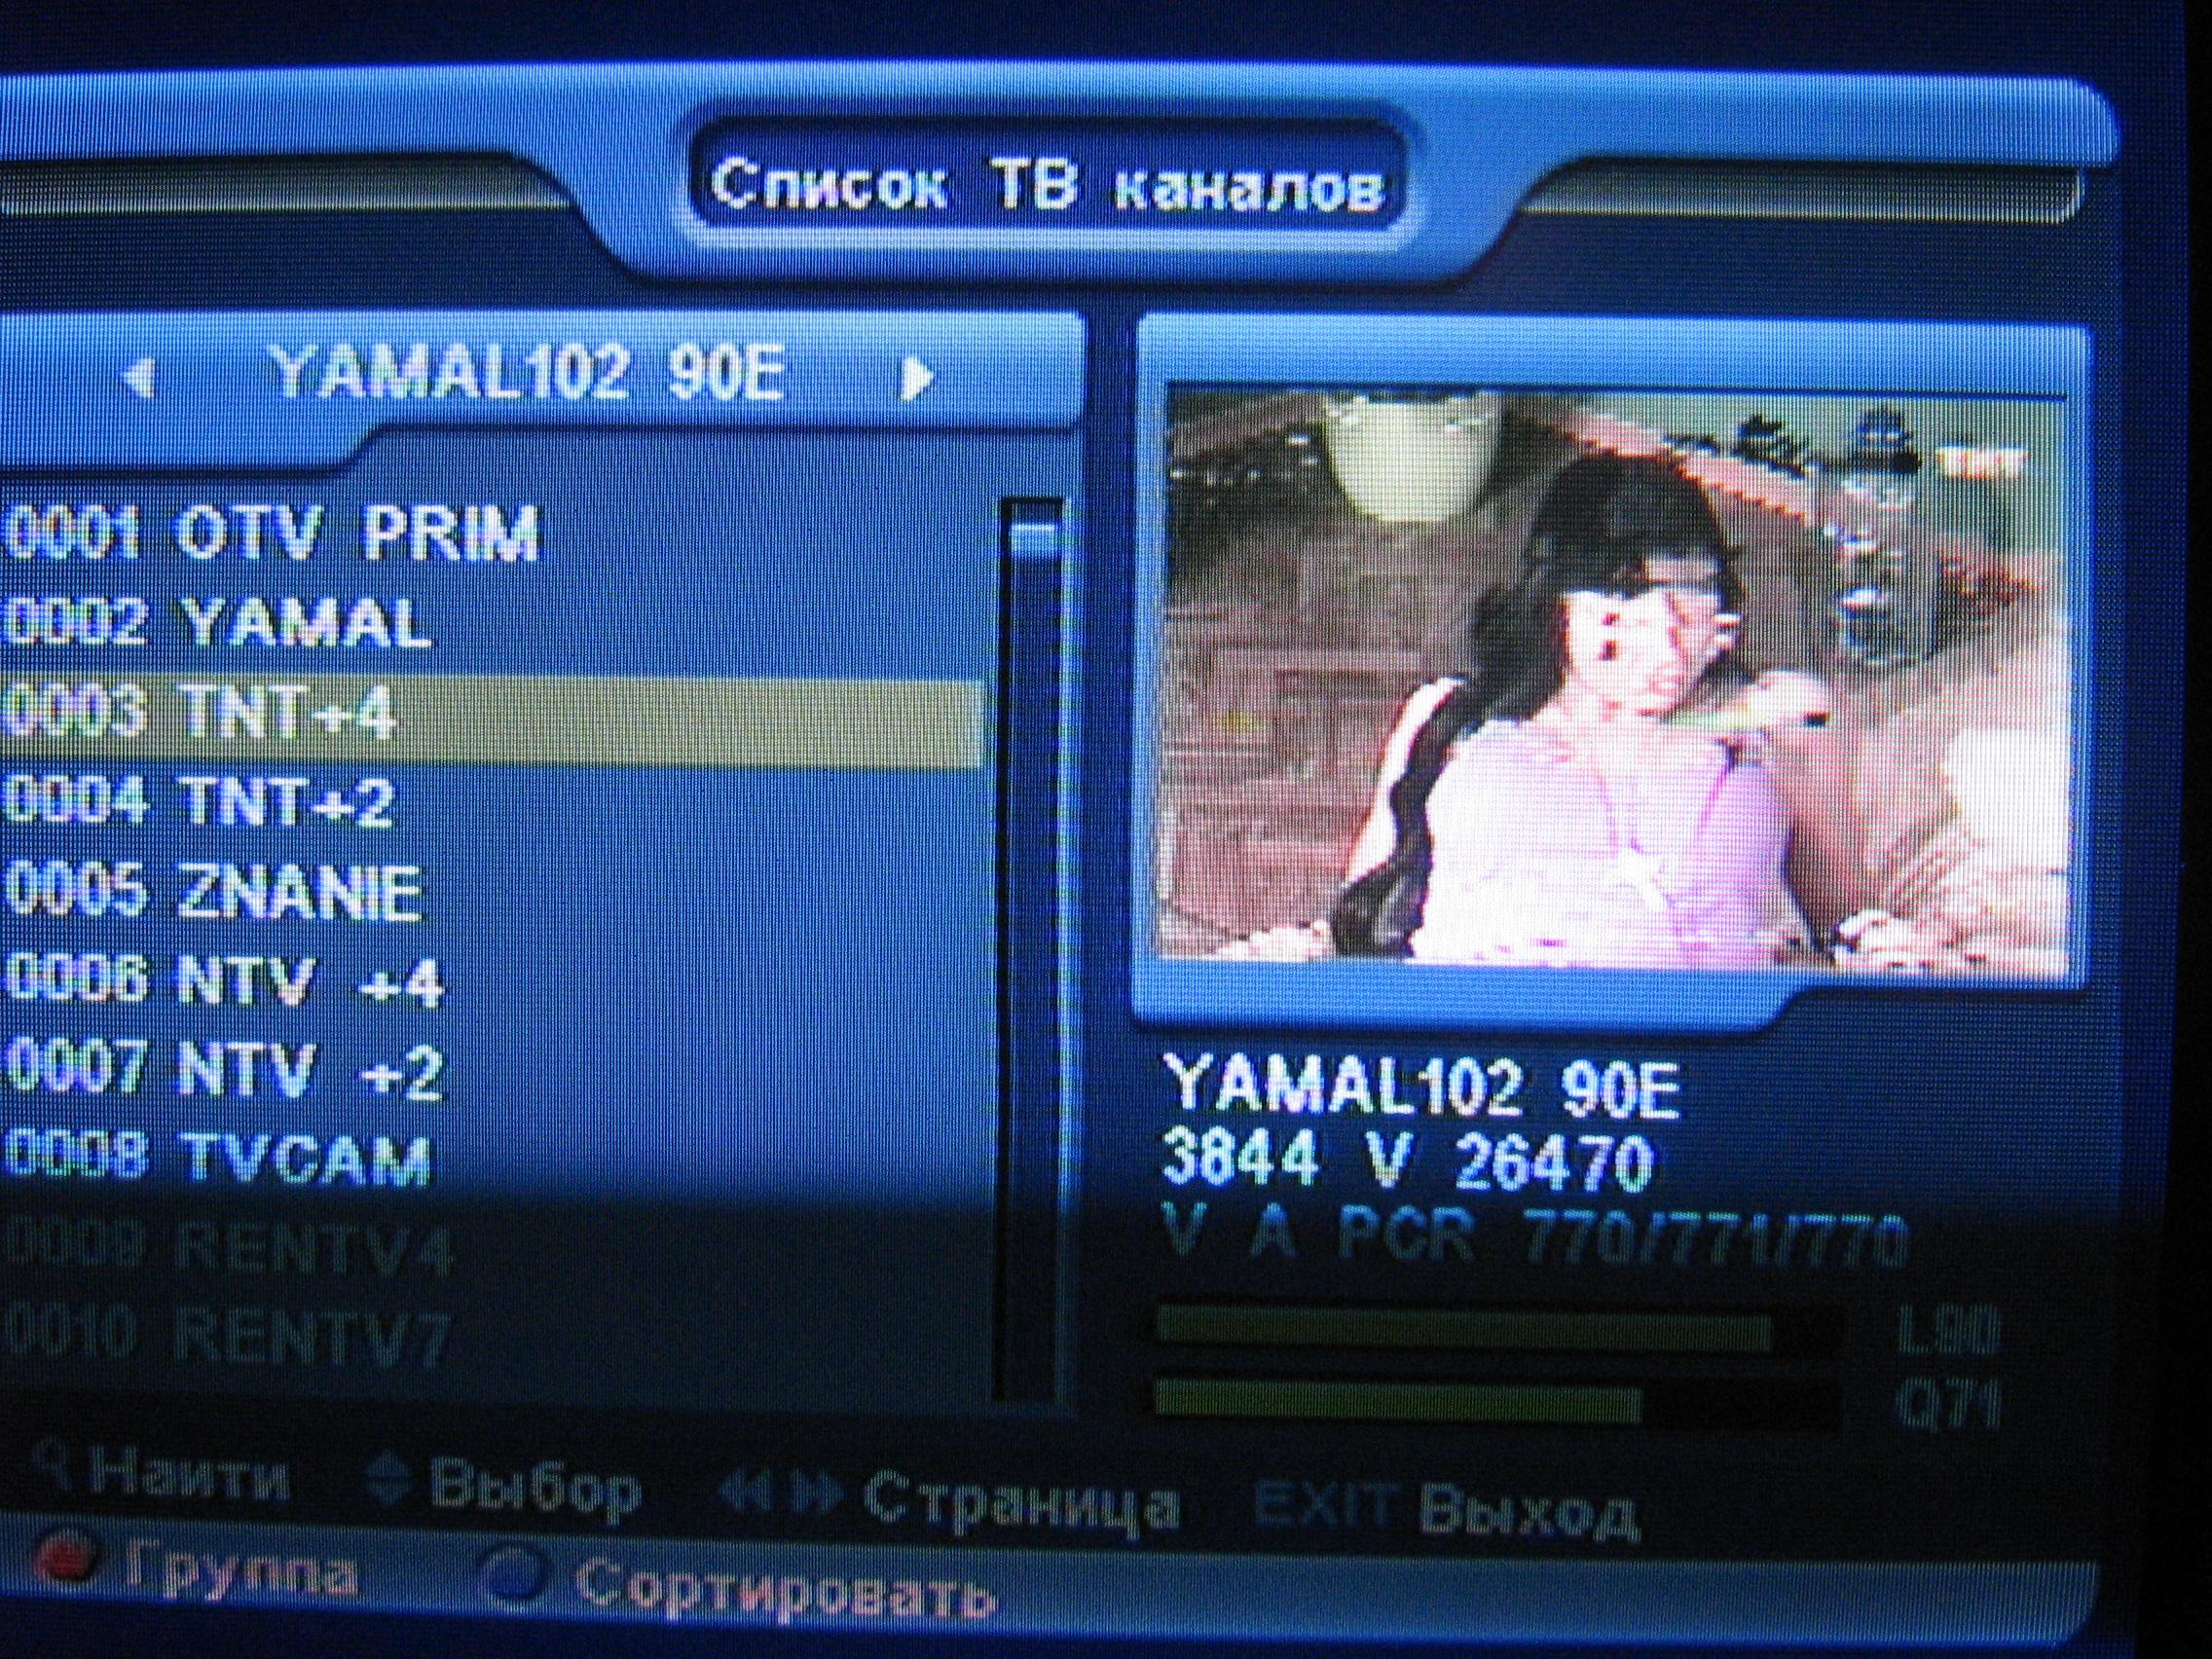 Спутниковое телевидение эротические каналы в казахстане порно ролевые игры